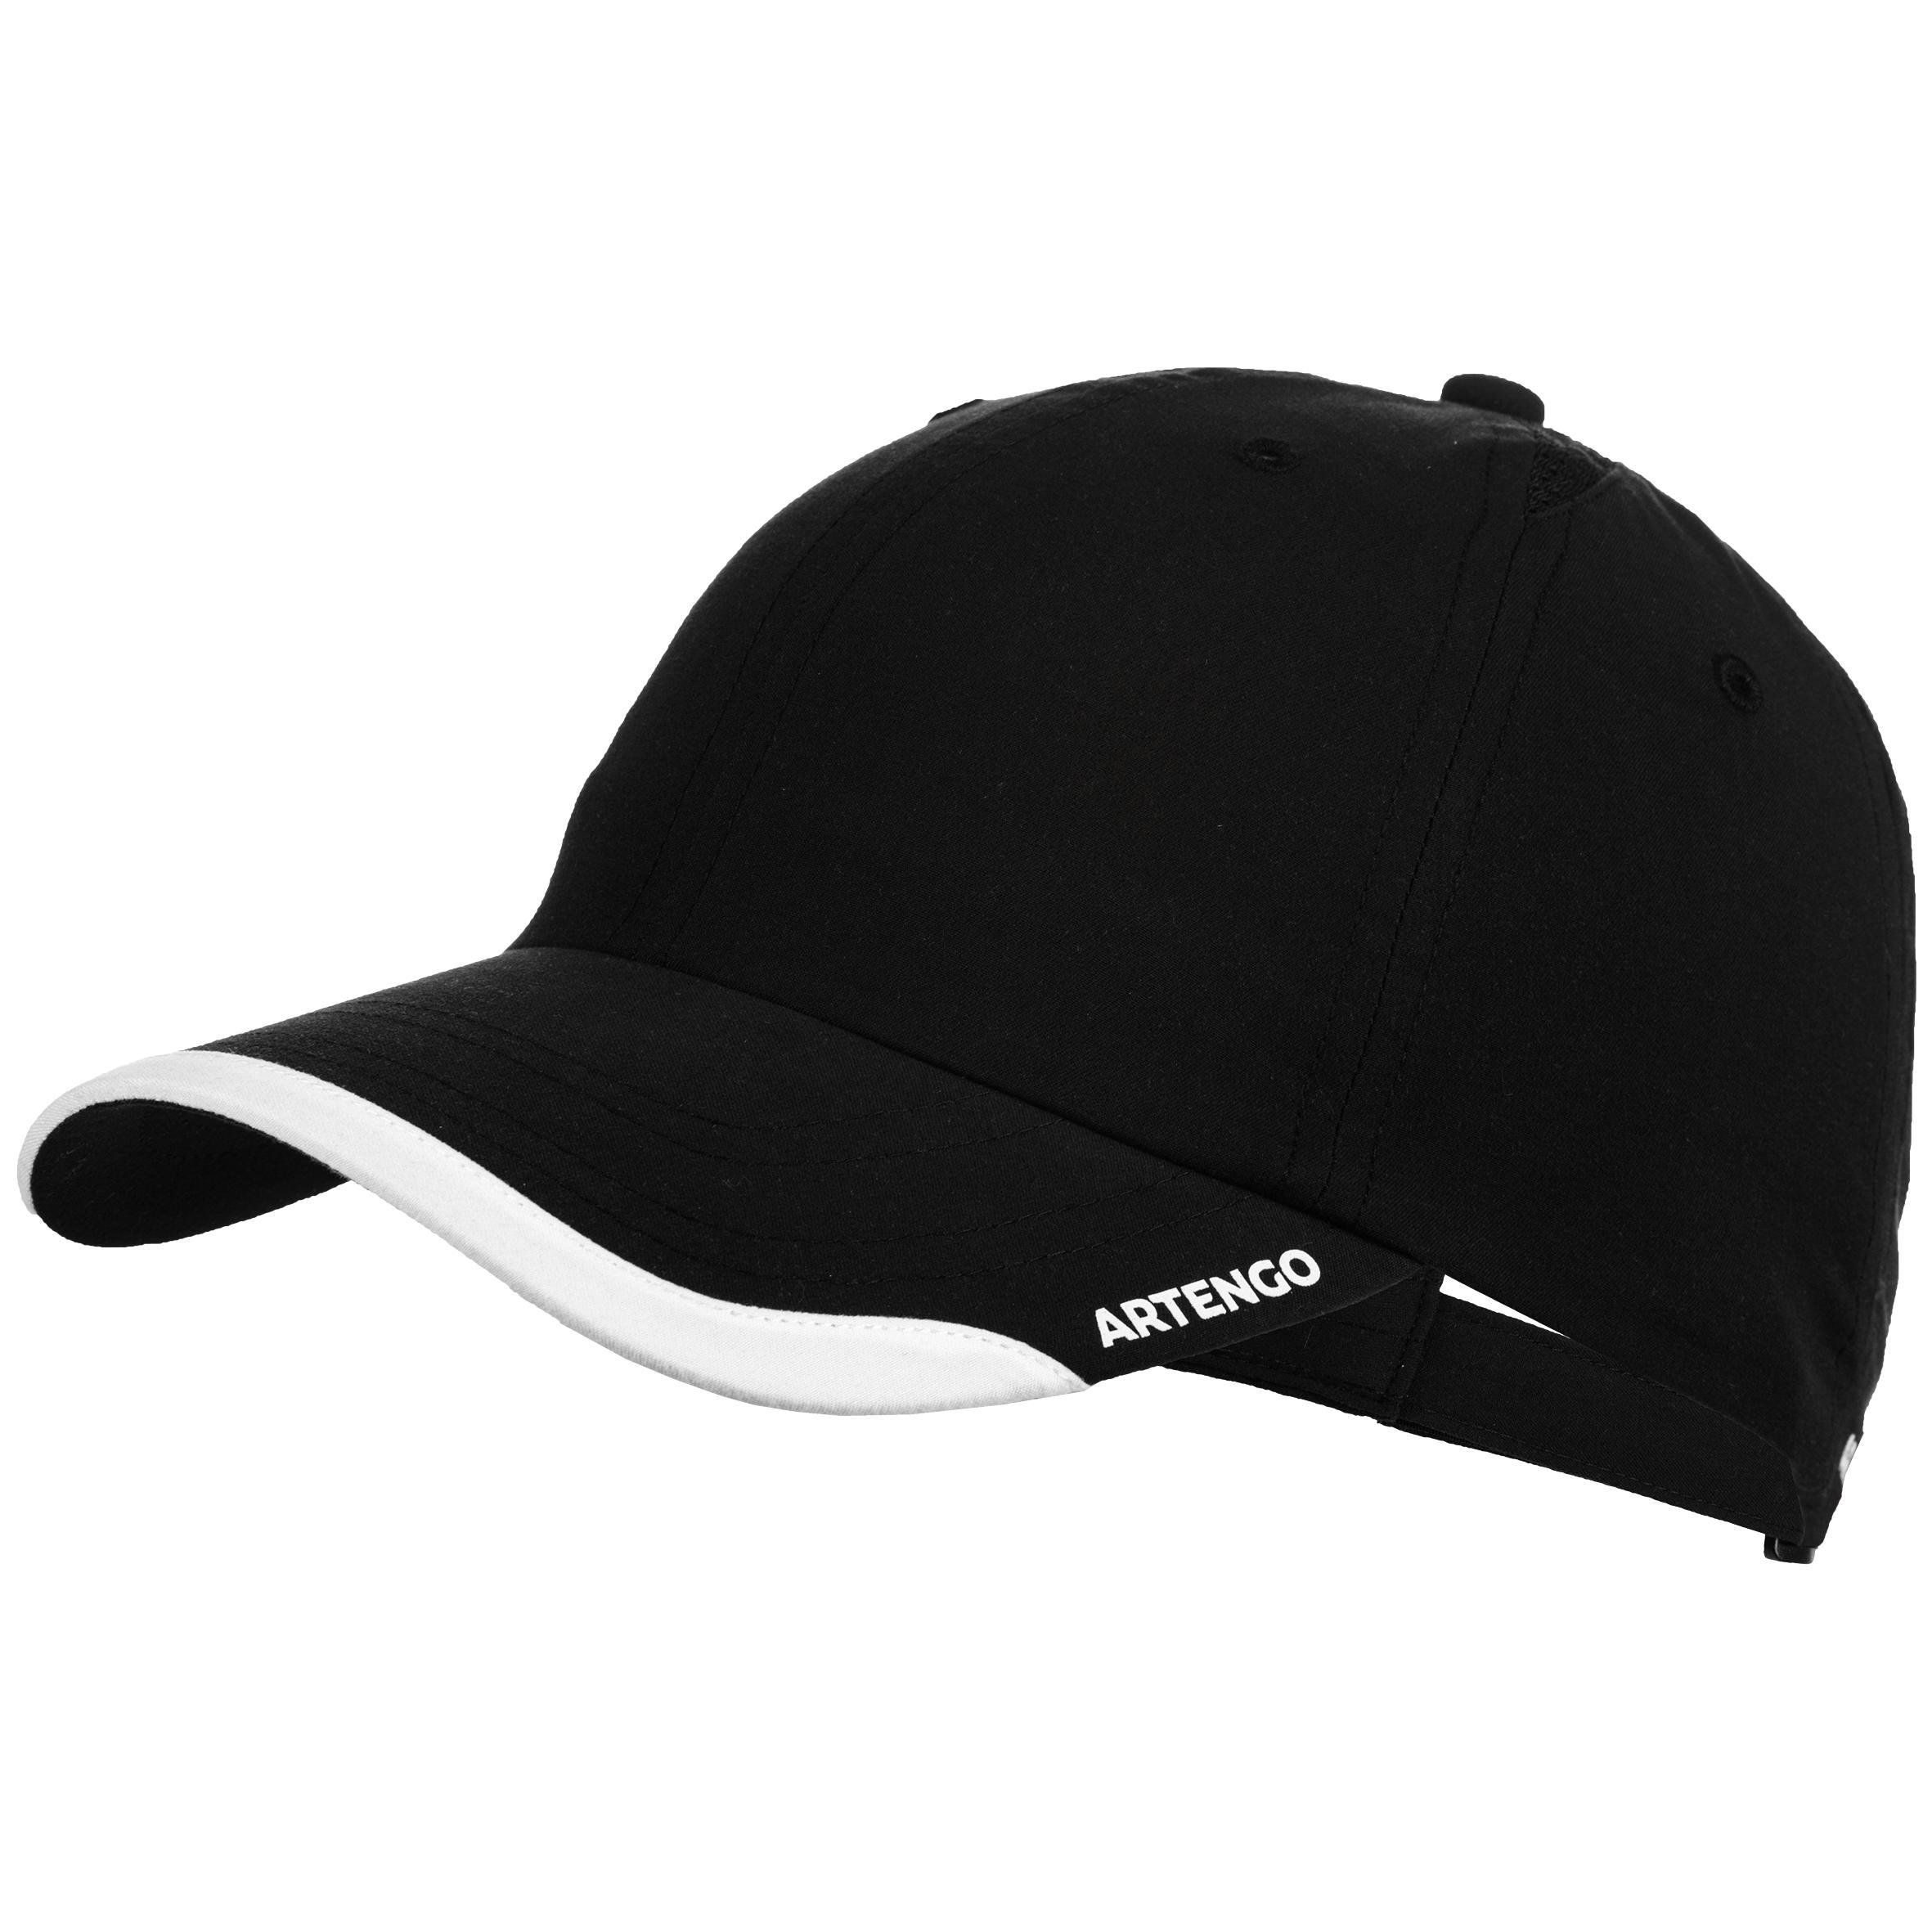 Tennis-Kappe Schirmmütze flexibel Racketsport TC 100 schwarz   Accessoires > Mützen > Sonstige Mützen   Schwarz - Weiß   Artengo